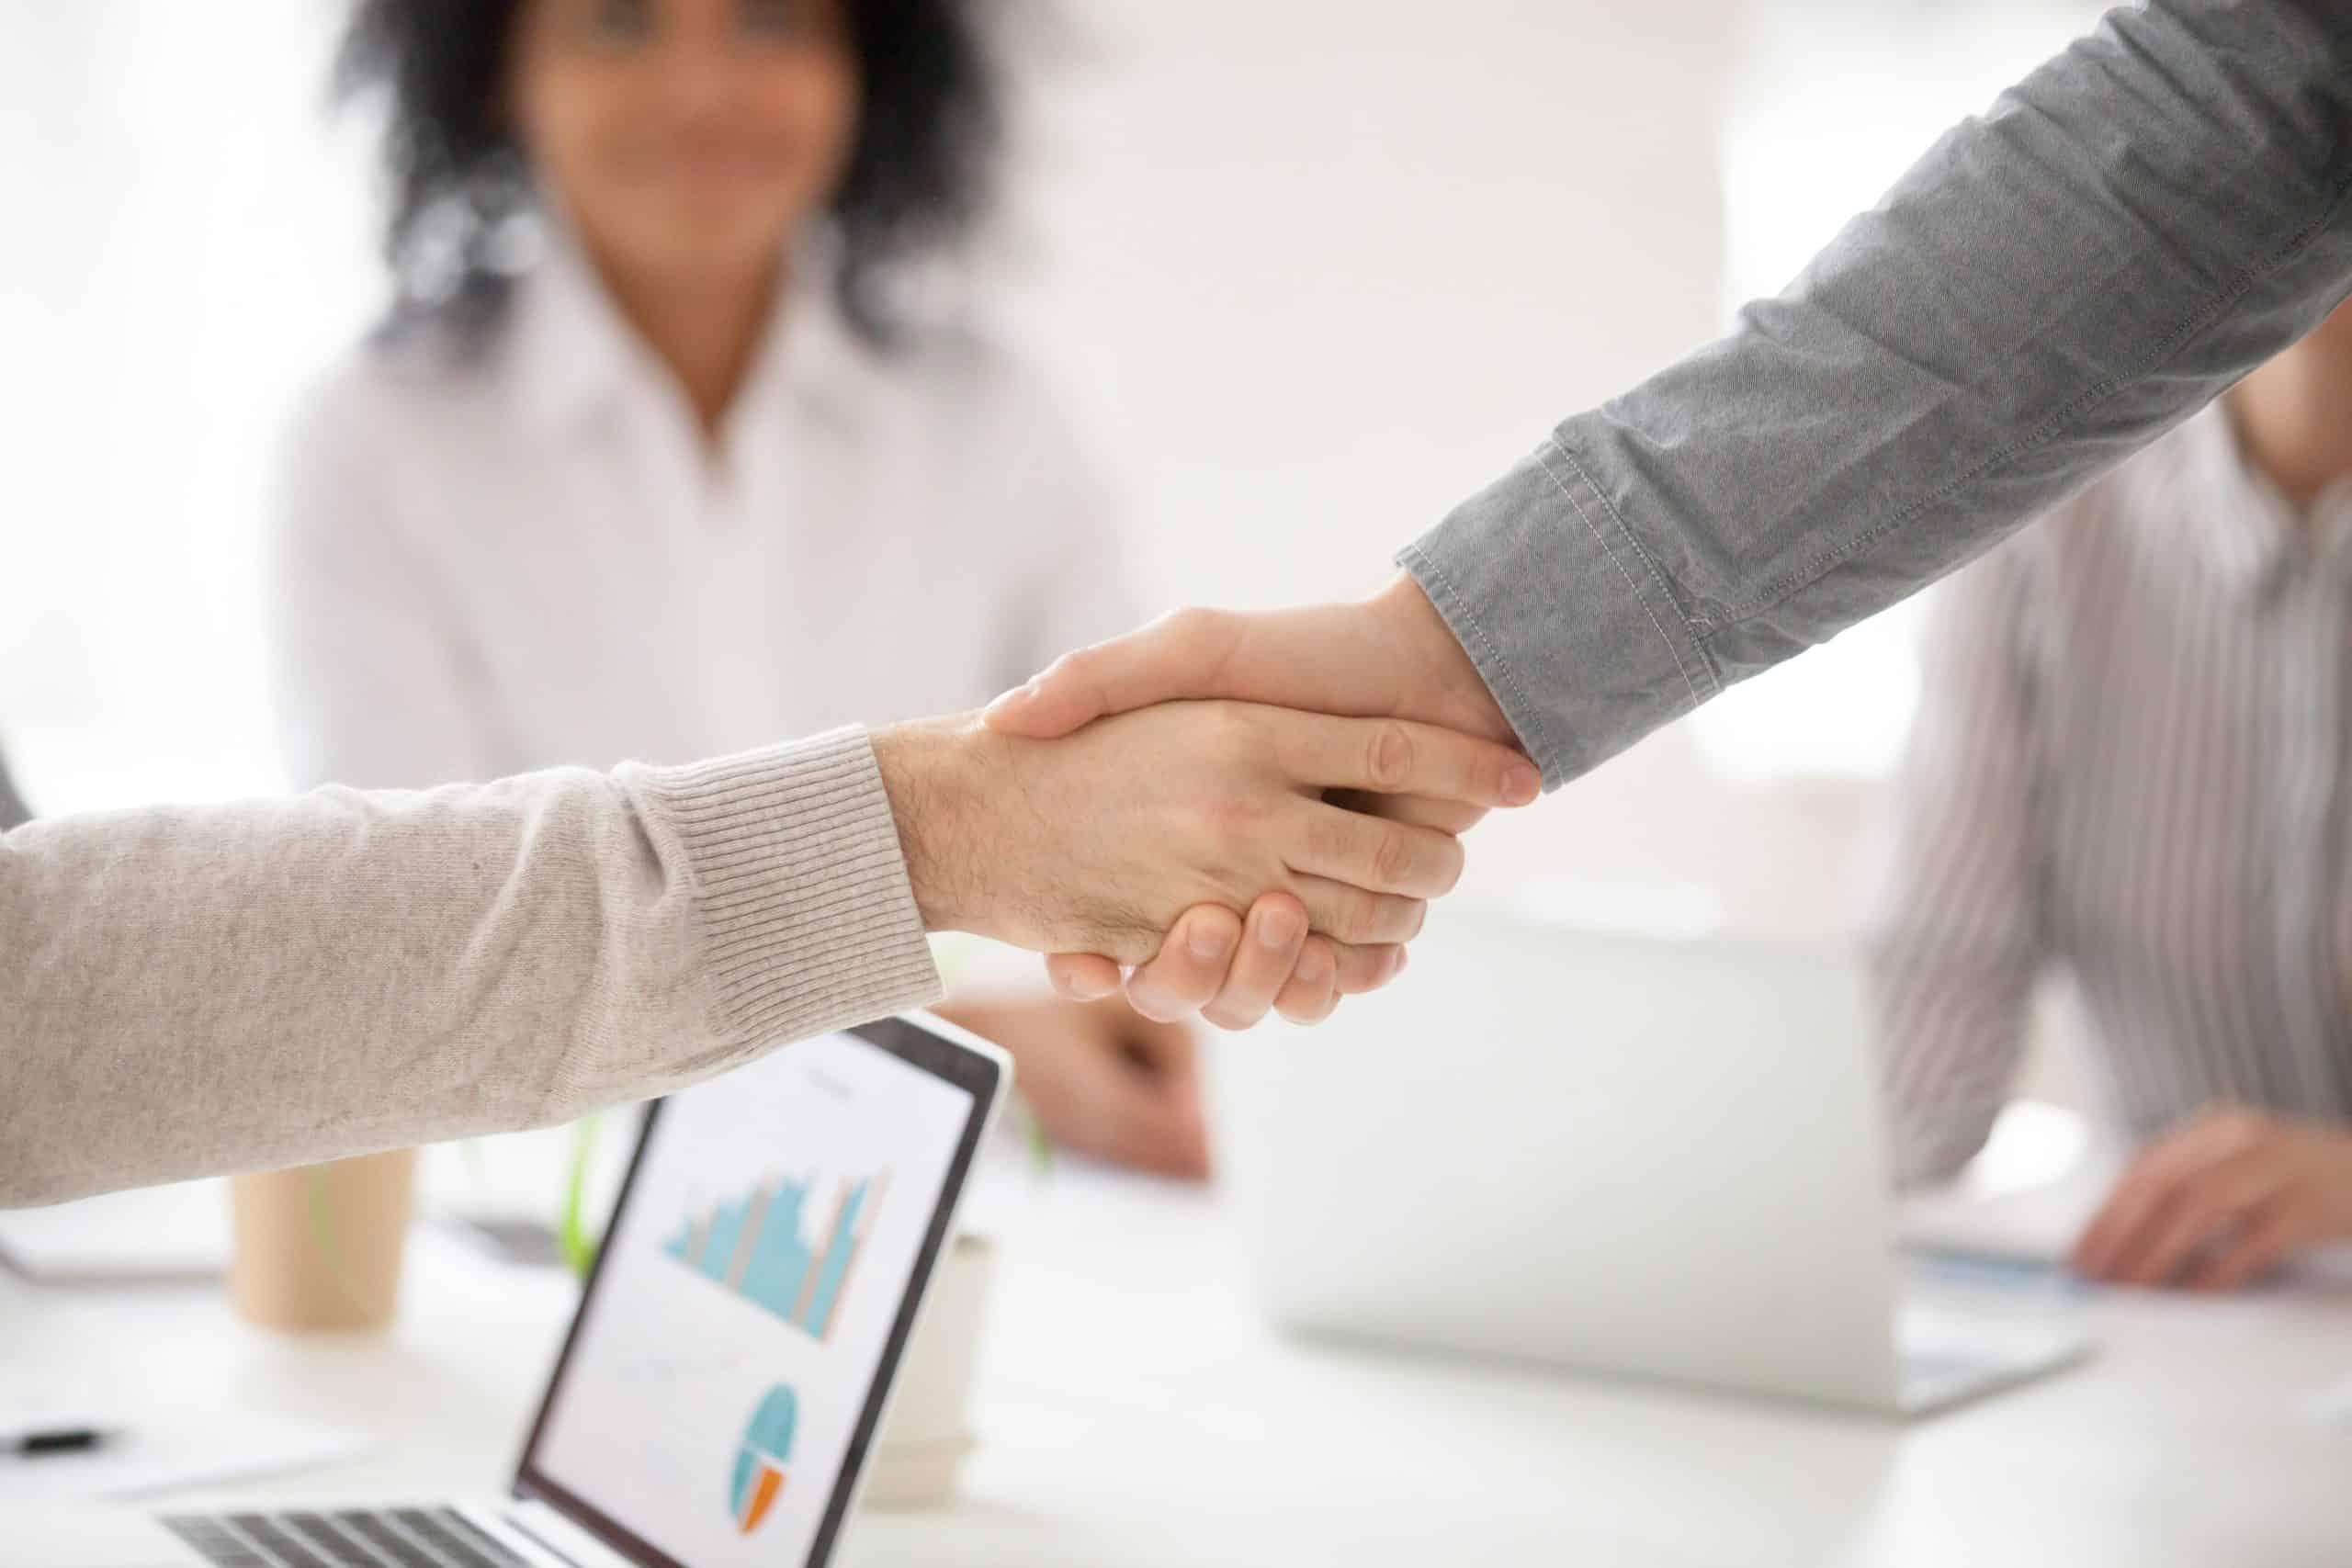 Warum sind Kundenbindungsmaßnahmen wichtig